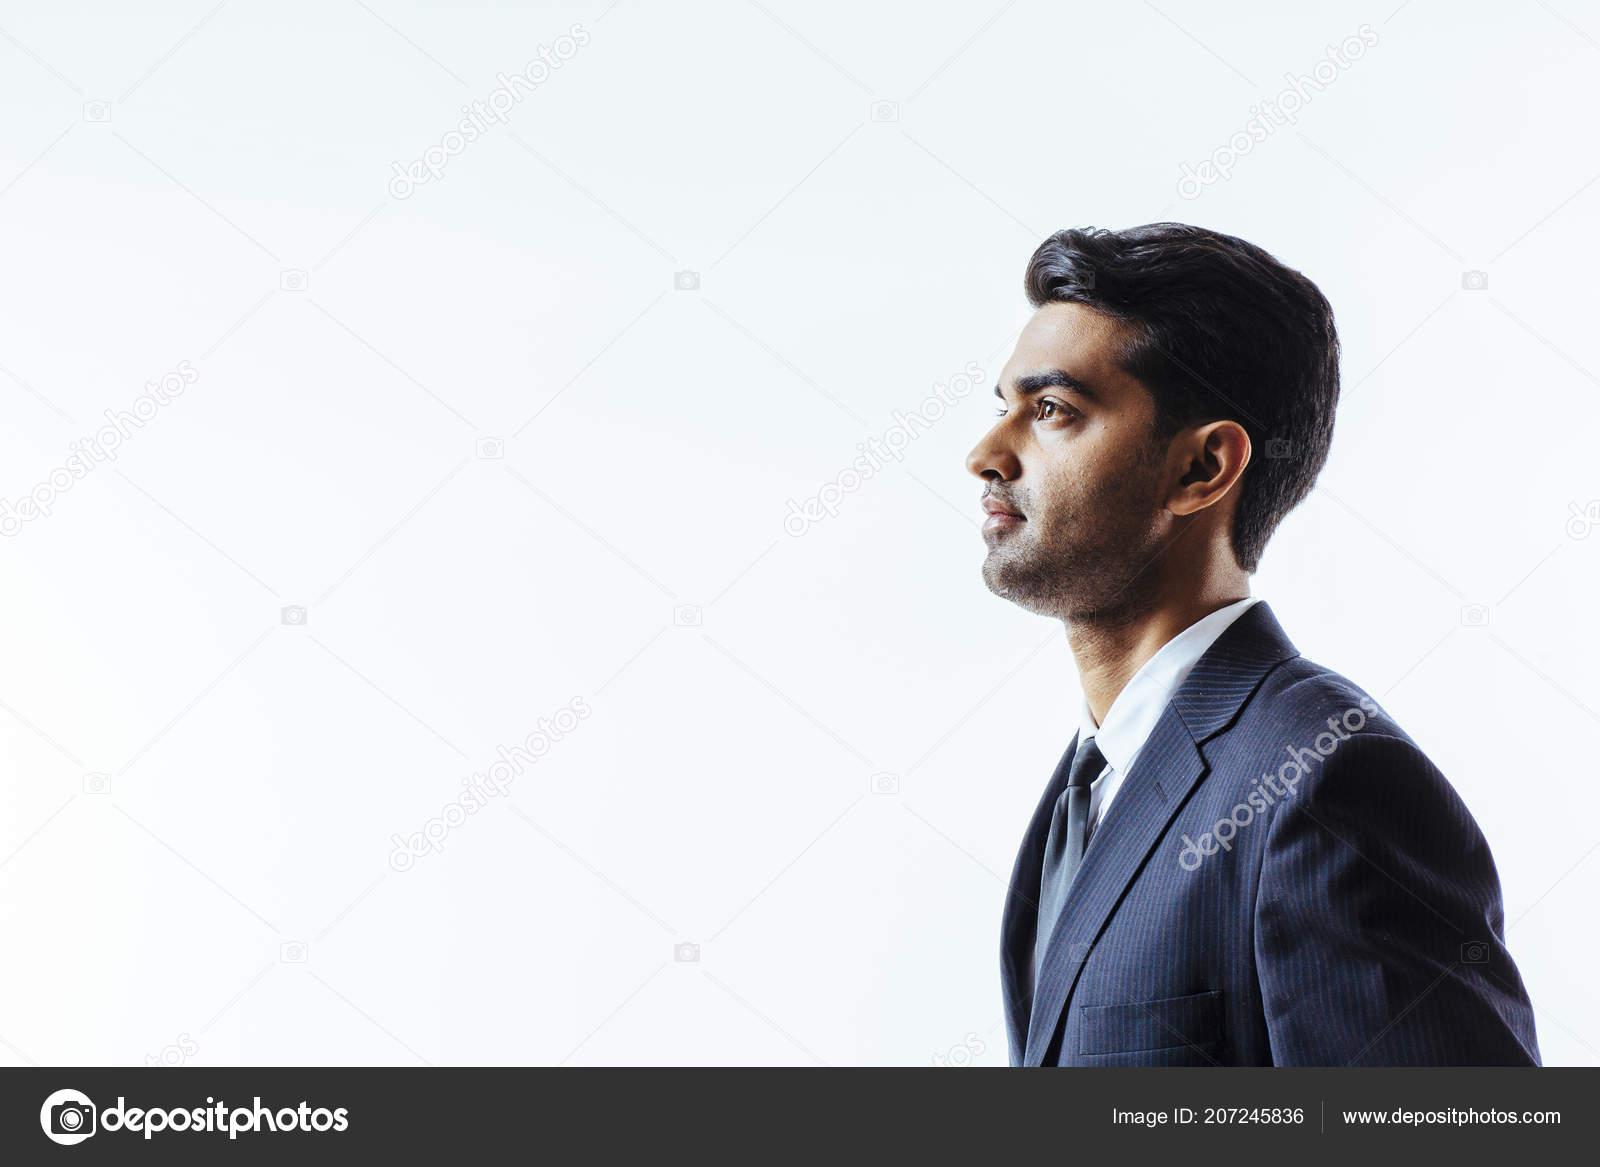 il bassoFoto verso Ritratto Profilo cravatta guardando Bell'uomo Stock in LqSzUVGpM